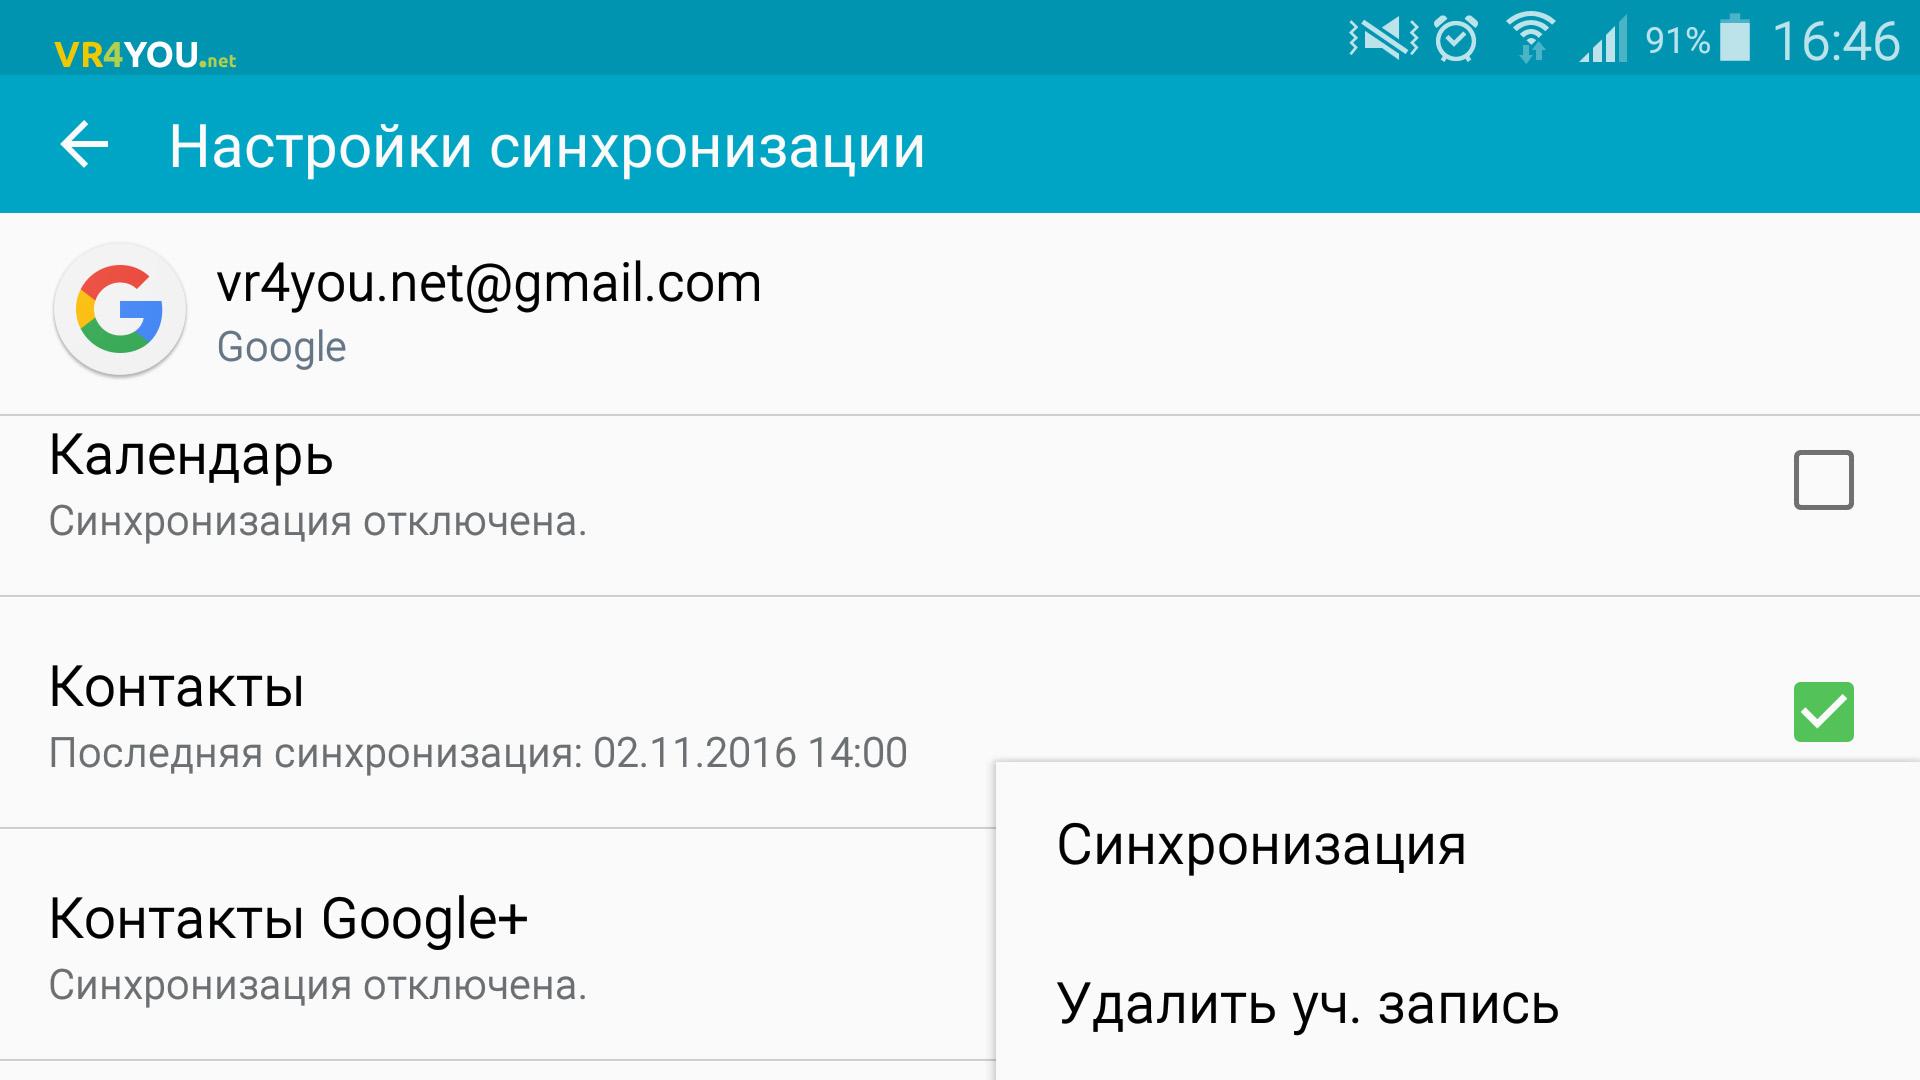 Как сделать синхронизацию с андроид на айфон